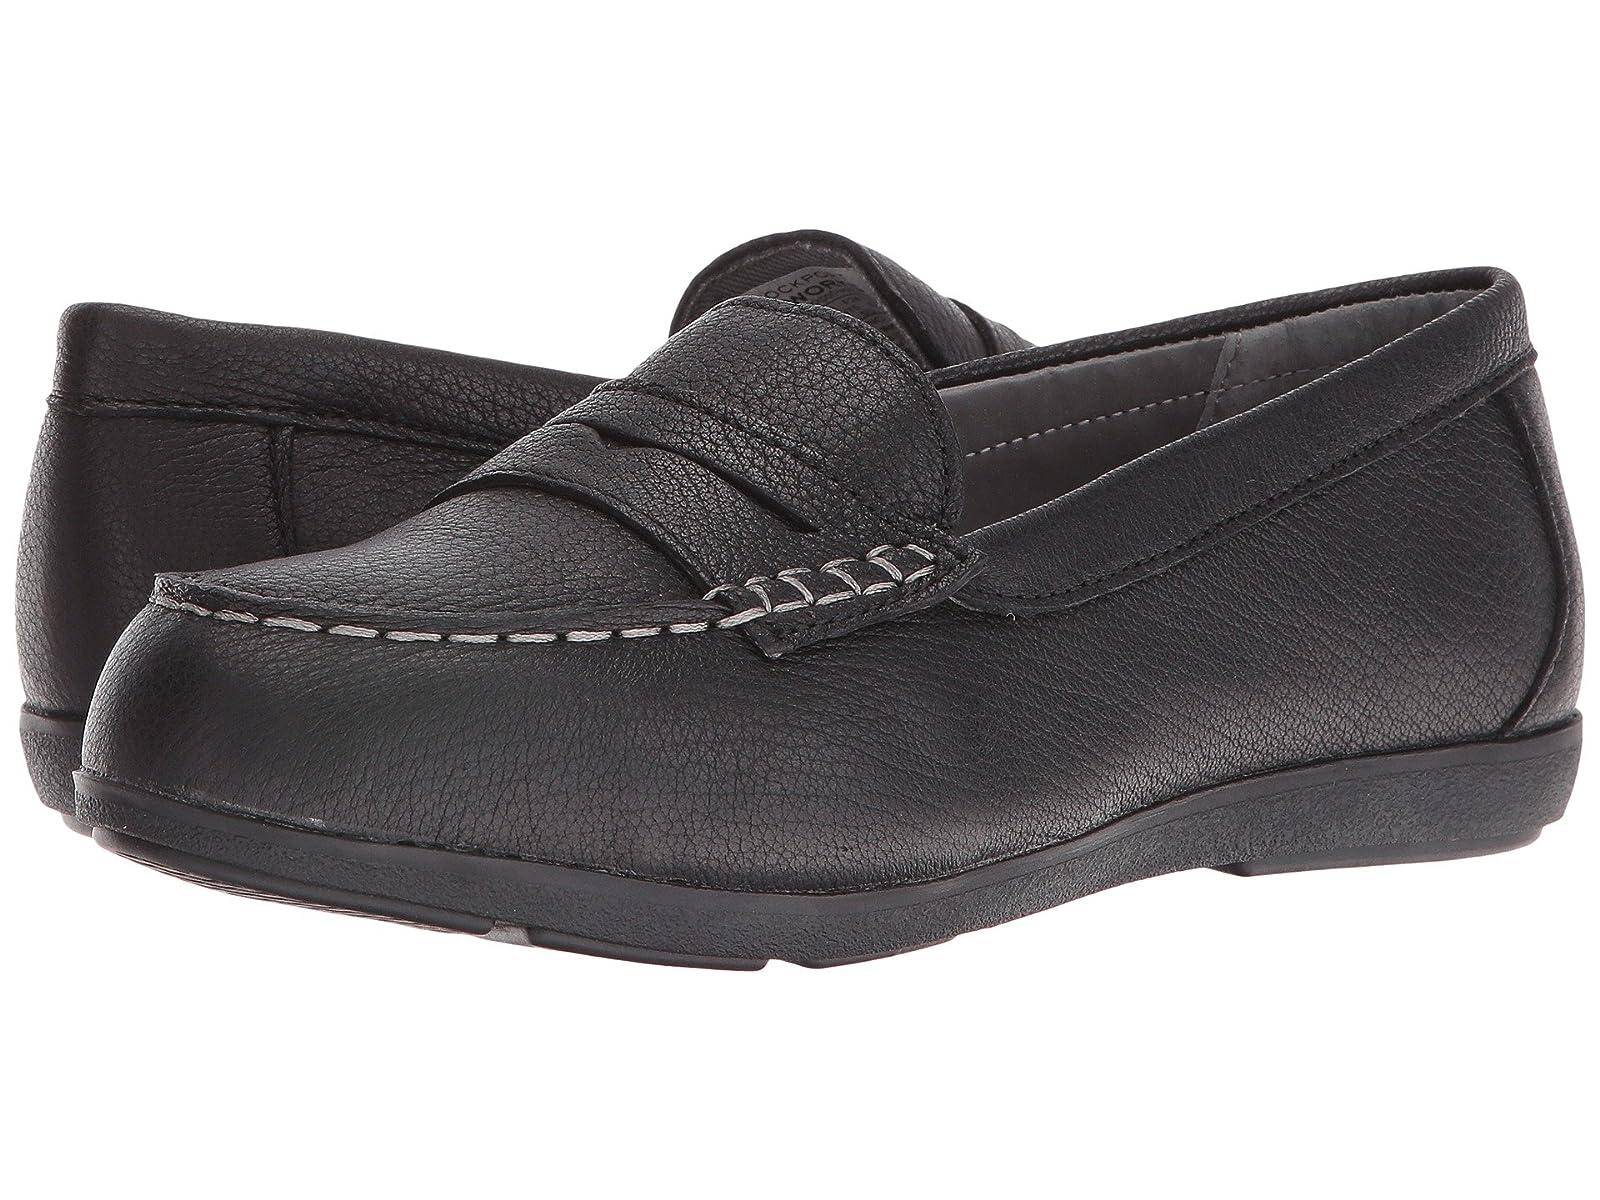 Rockport Works Top ShoreAtmospheric grades have affordable shoes